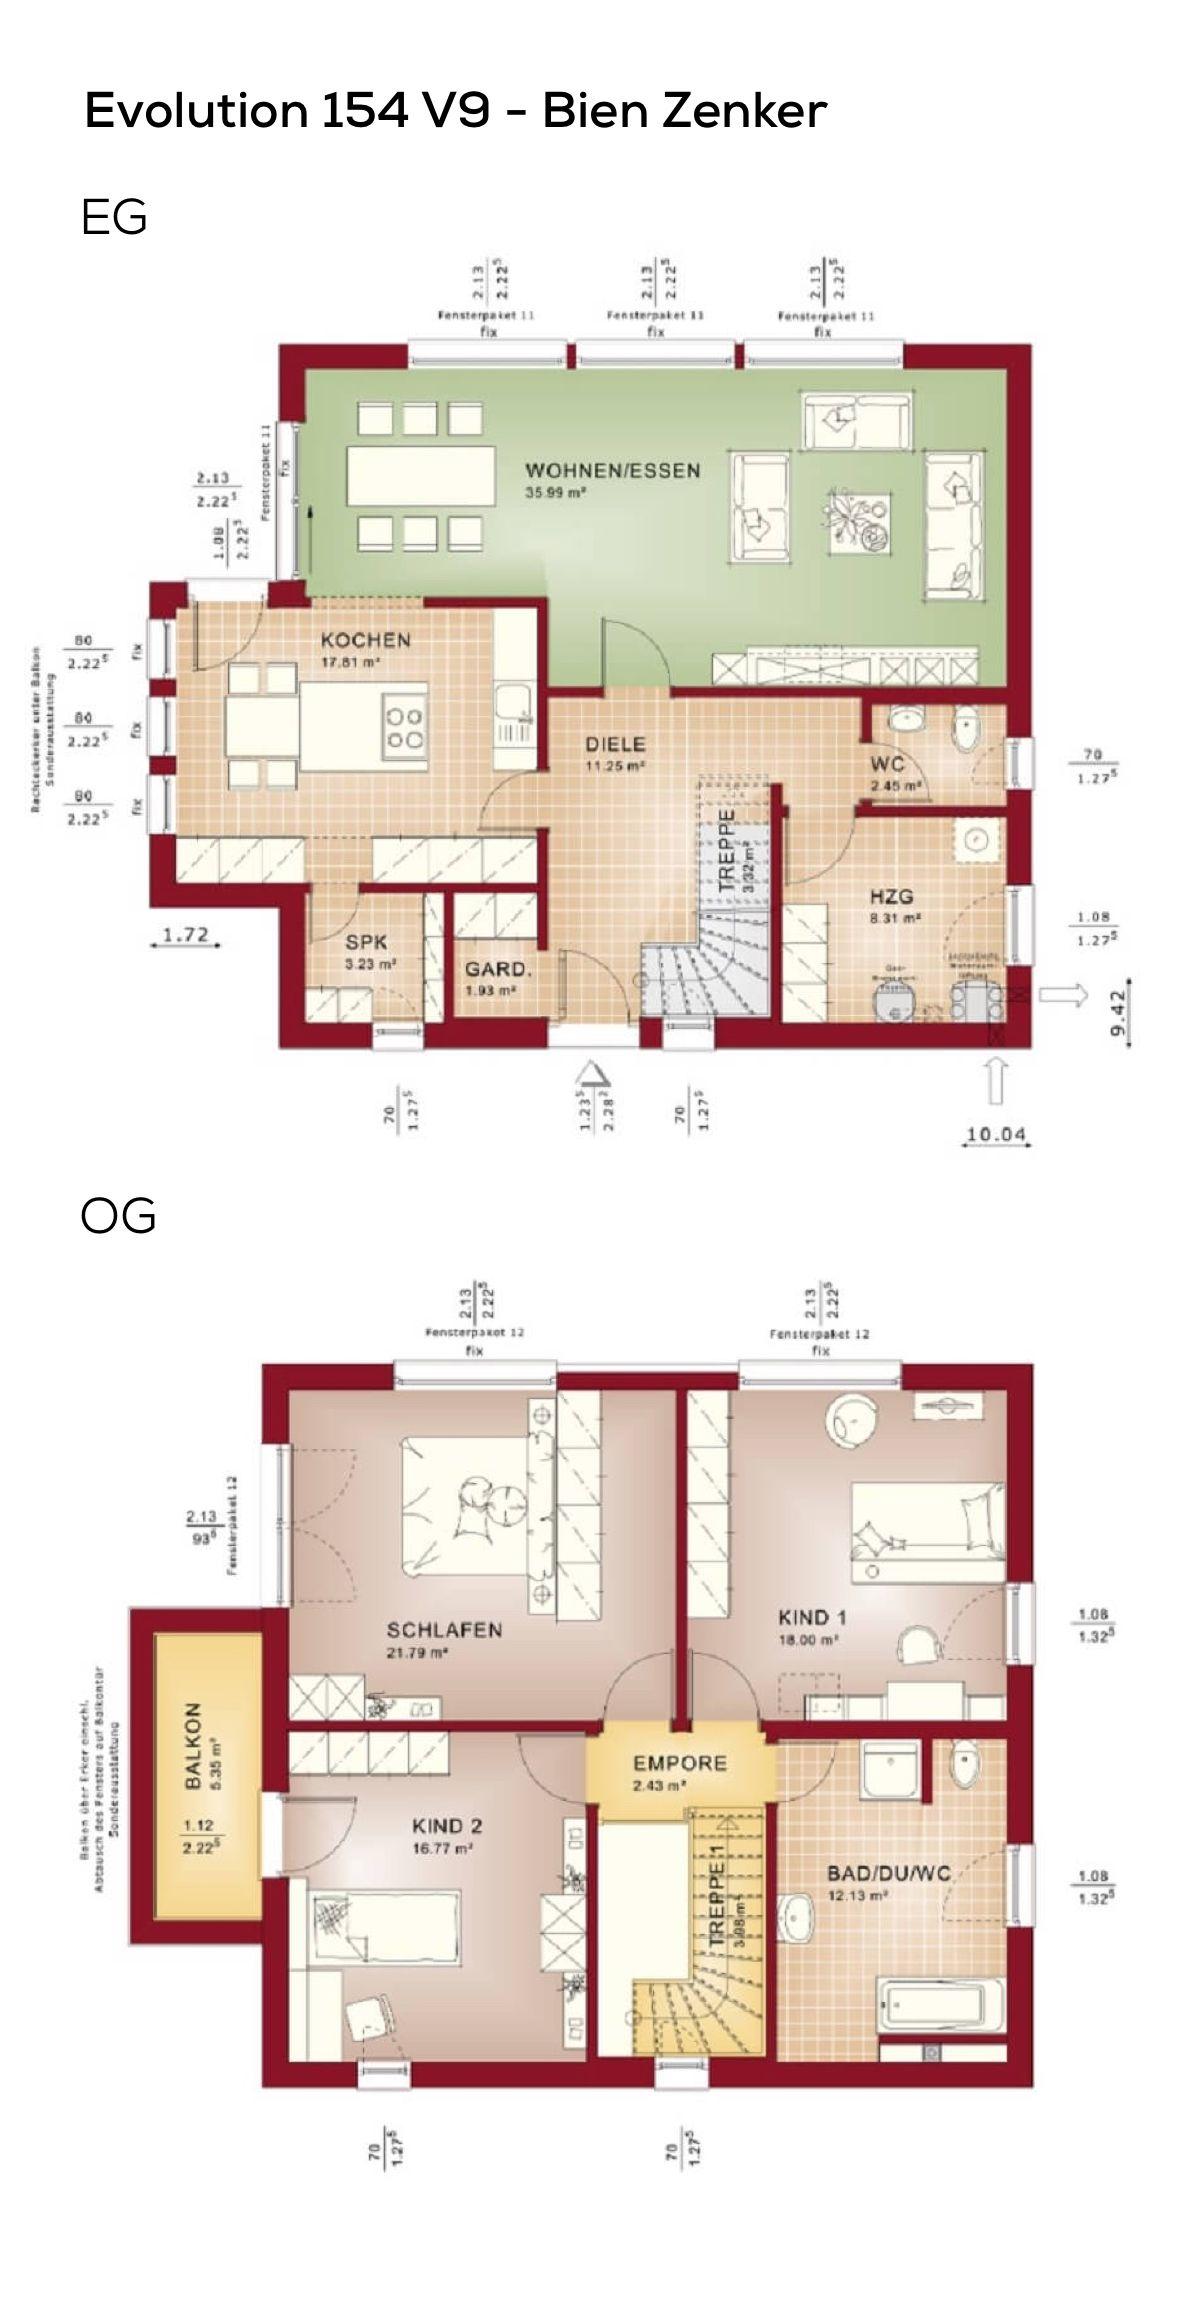 Grundriss Stadtvilla modern im Bauhausstil mit Flachdach Architektur ...